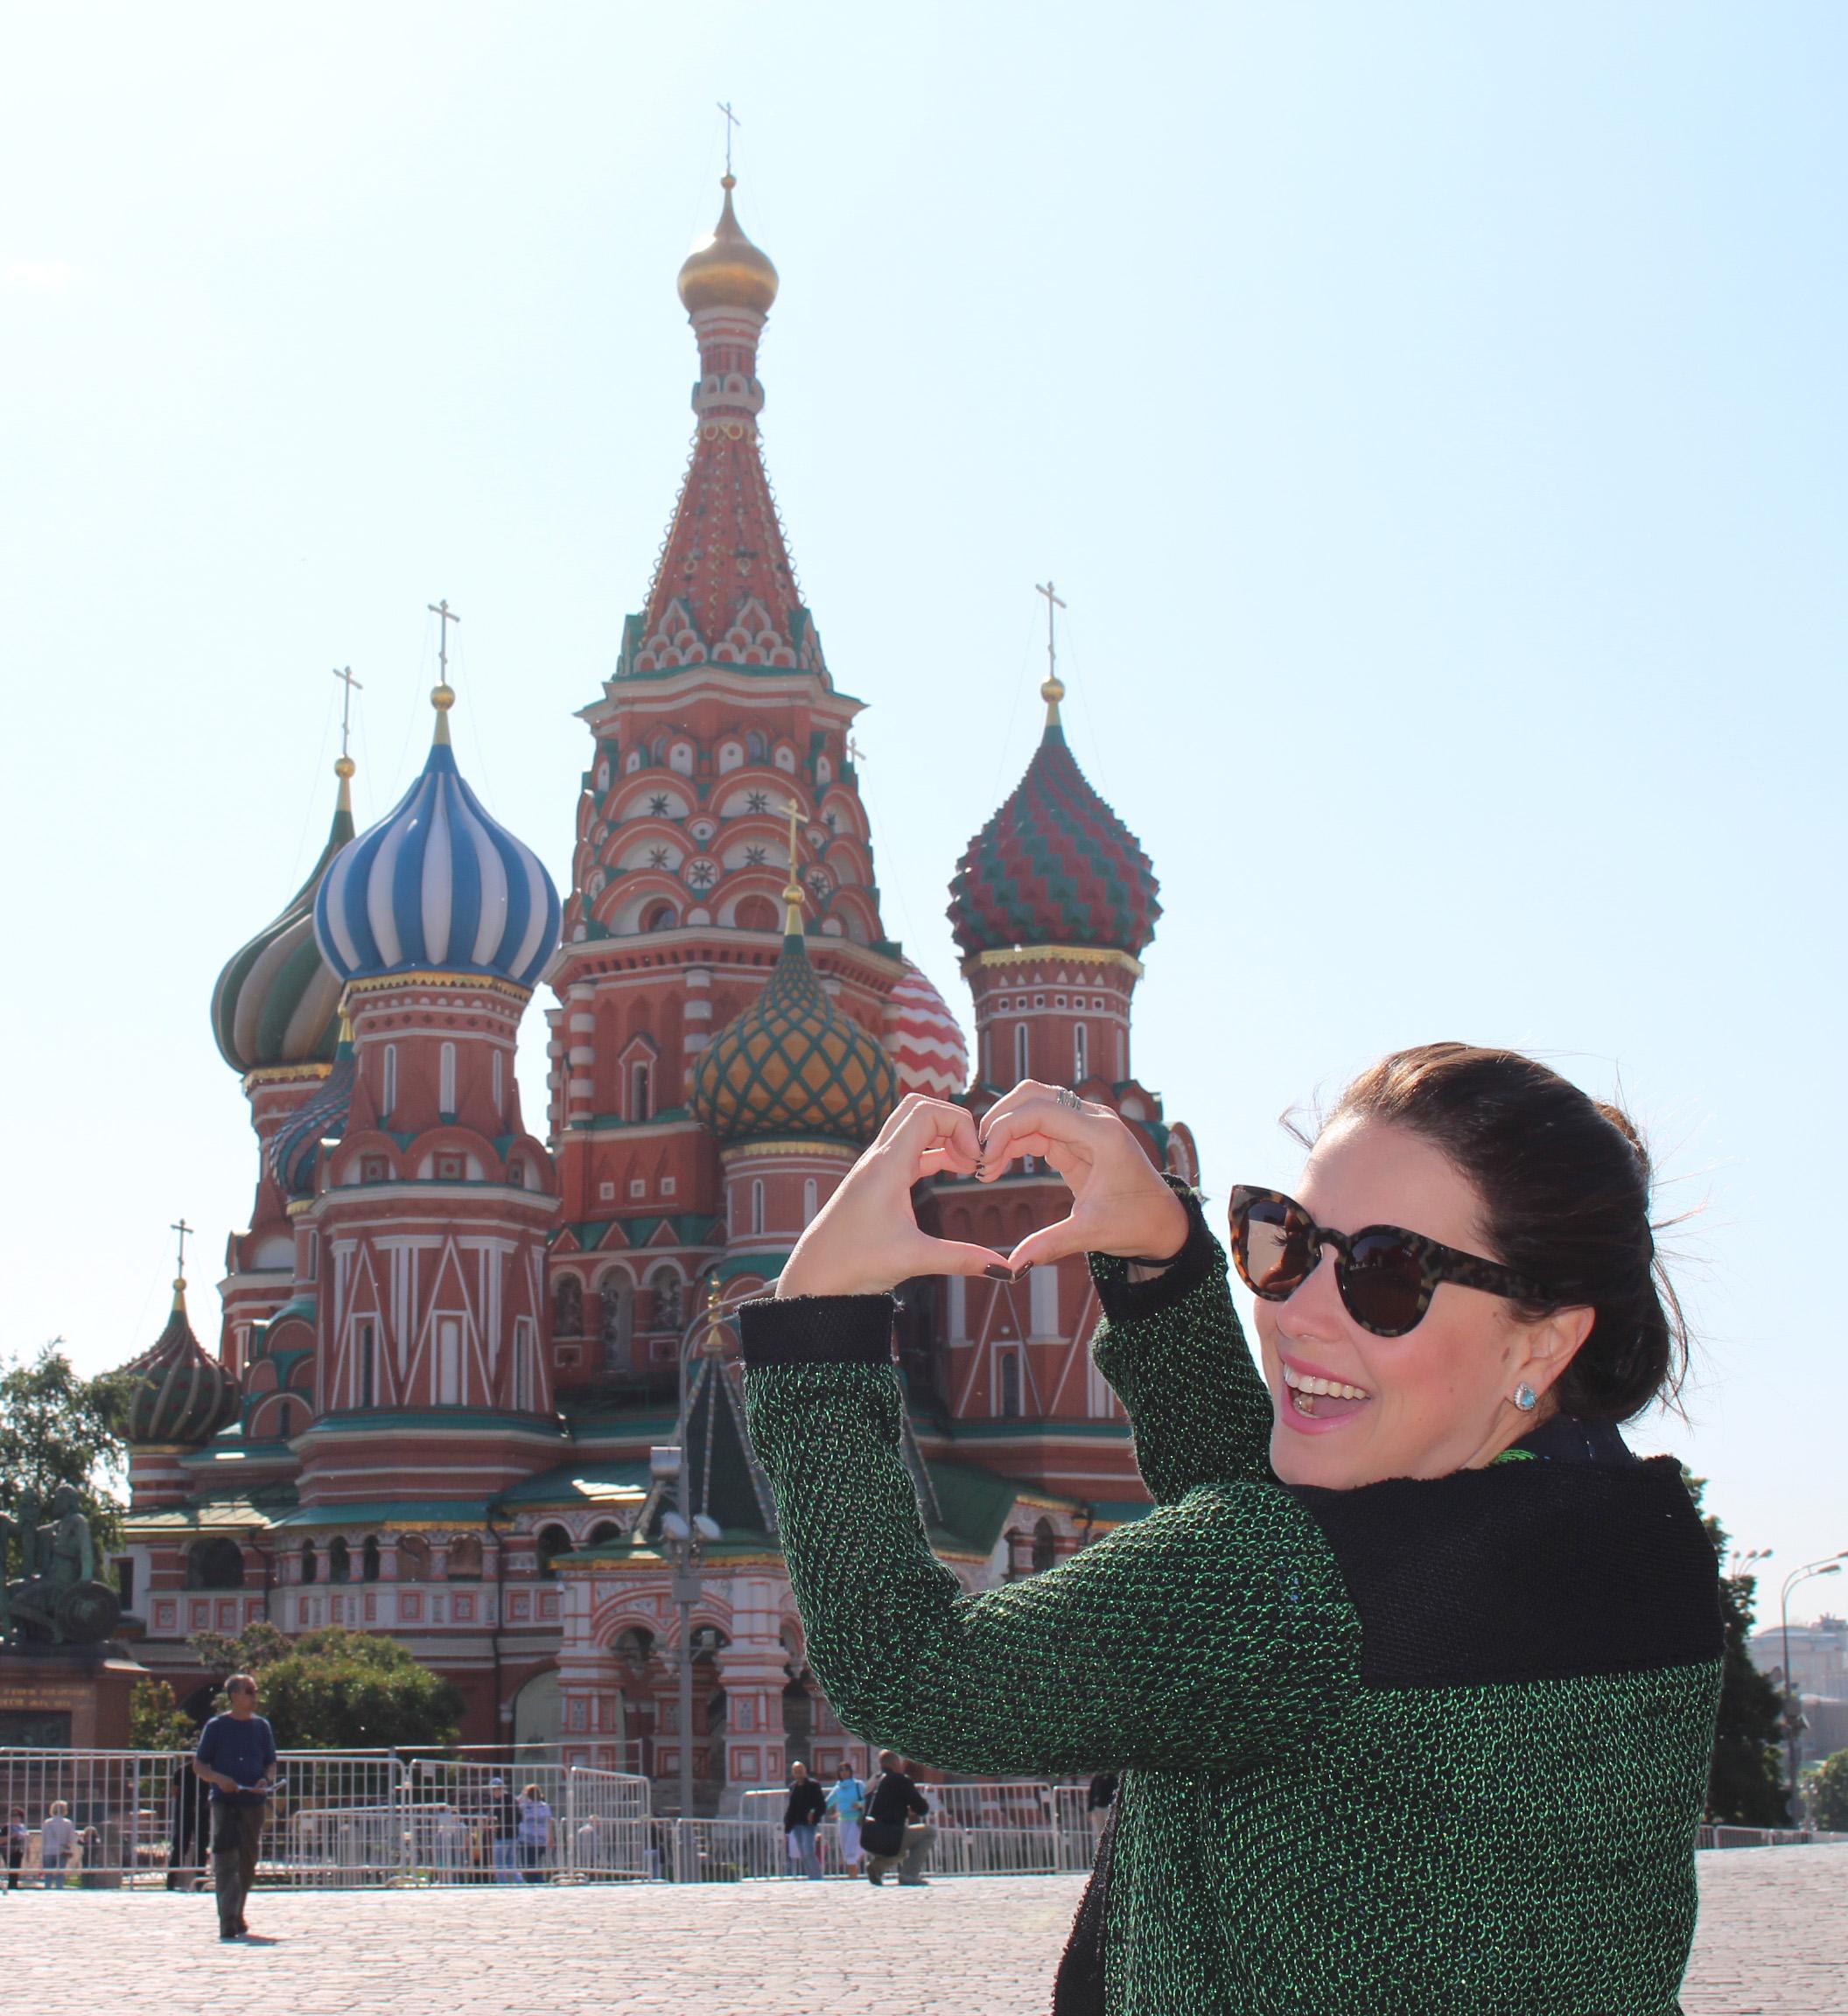 moscou russia coisas que amamos dicas viagem o que fazer turismo 64